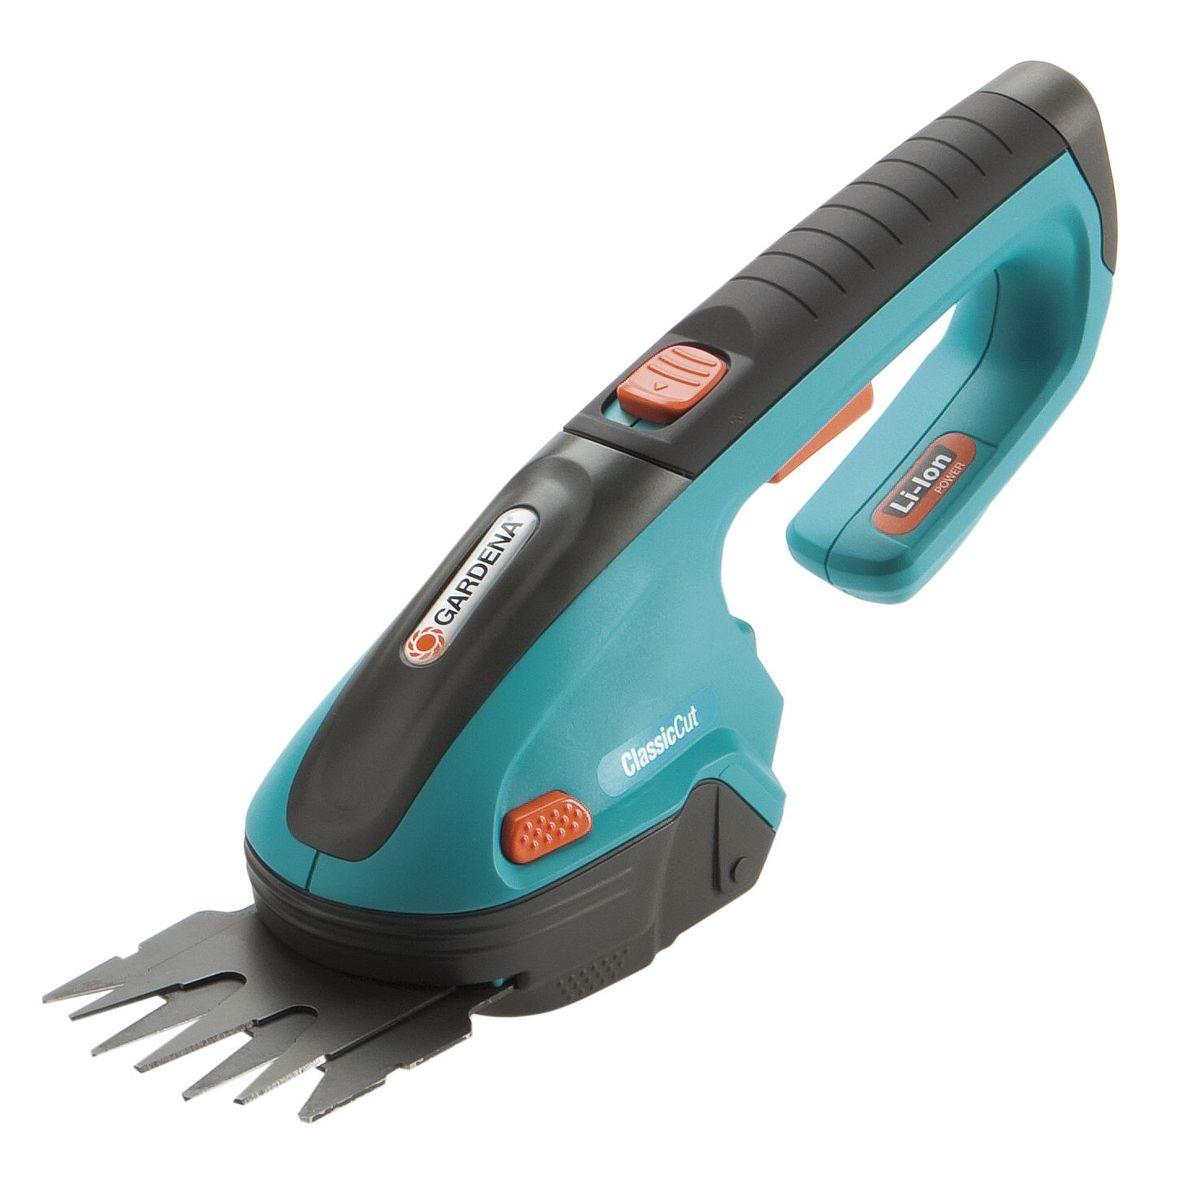 Ножницы аккумуляторные Gardena ClassicCuT80653С аккумуляторными газонными ножницами Gardena ClassicCut вы сможете легко подстричь кромки газонов без подключения к электросети. Кроме того, в комплект входит нож для травы и кустарников (ширина 8 см), благодаря чему ножницы могут использоваться для придания формы кустарнику наподобие самшита. Мощная, простая в обслуживании литий-ионная аккумуляторная батарея гарантирует легкость работы и прекрасную производительность. Светодиодный дисплей постоянно показывает уровень заряда аккумулятора и позволяет оценить оставшееся время работы, а также вовремя сигнализирует о необходимости подзарядки. Благодаря эргономичной рукоятке аккумуляторные газонные ножницы хорошо лежат в руке, а их высокая эффективность обеспечивает превосходные результаты стрижки. Съемные ножи прецизионной заточки имеют покрытие от налипания. Ножи заменяются без помощи инструментов - невероятно просто, быстро и безопасно. Это дает возможность легко преобразовать газонные ножницы в кусторезы. В комплект поставки аккумуляторных газонных ножниц входит зарядное устройство и защитный чехол для ножа.Напряжение аккумулятора: 3,6 В.Емкость аккумулятора: 1,45 Ач.Время зарядки батареи: приблизительно 6 ч.Тип аккумулятора: Li-lon.Время работы: 45 мин.Ширина стрижки: 8 см.